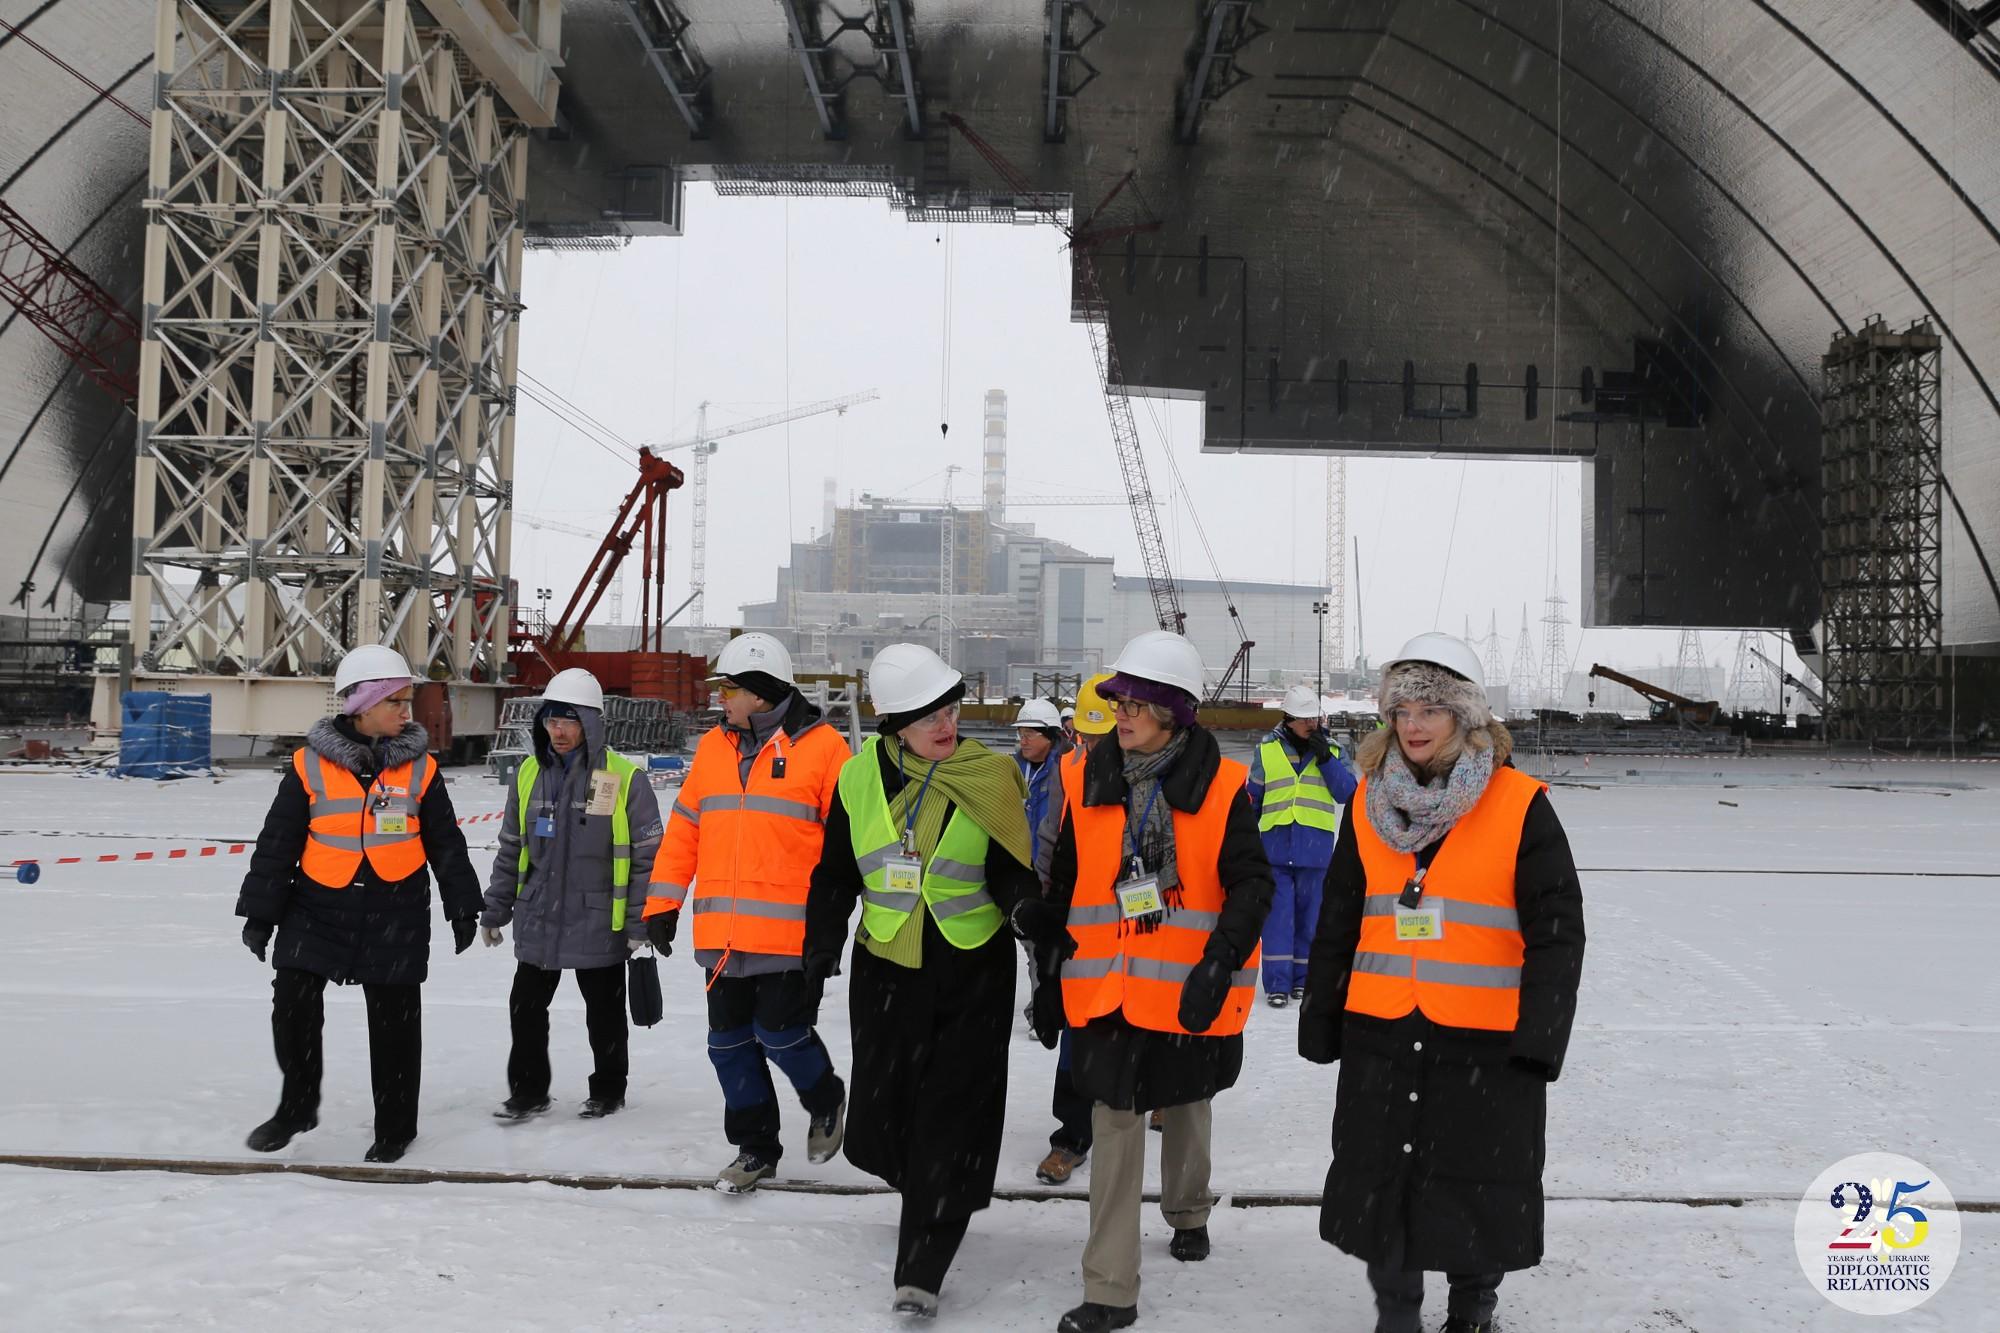 Координатор Государственного департамента США по делам помощи Европе и Евразии Алина Романовски посещает Чернобыльскую АЭС, 2016 год.